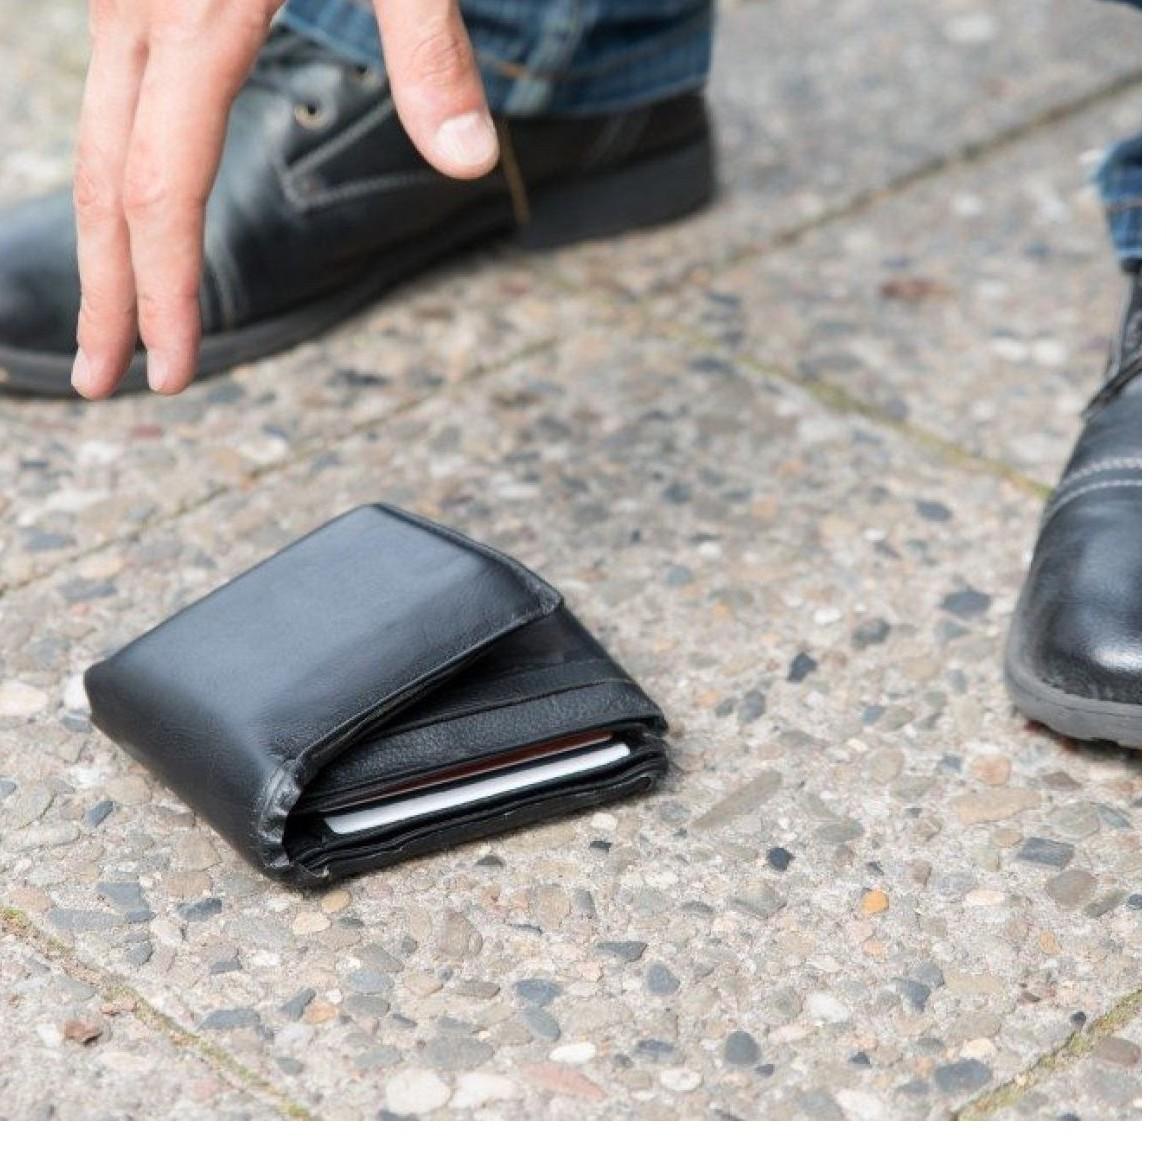 Se trovo un portafoglio perso per strada lo posso prendere o no. Cosa rischio